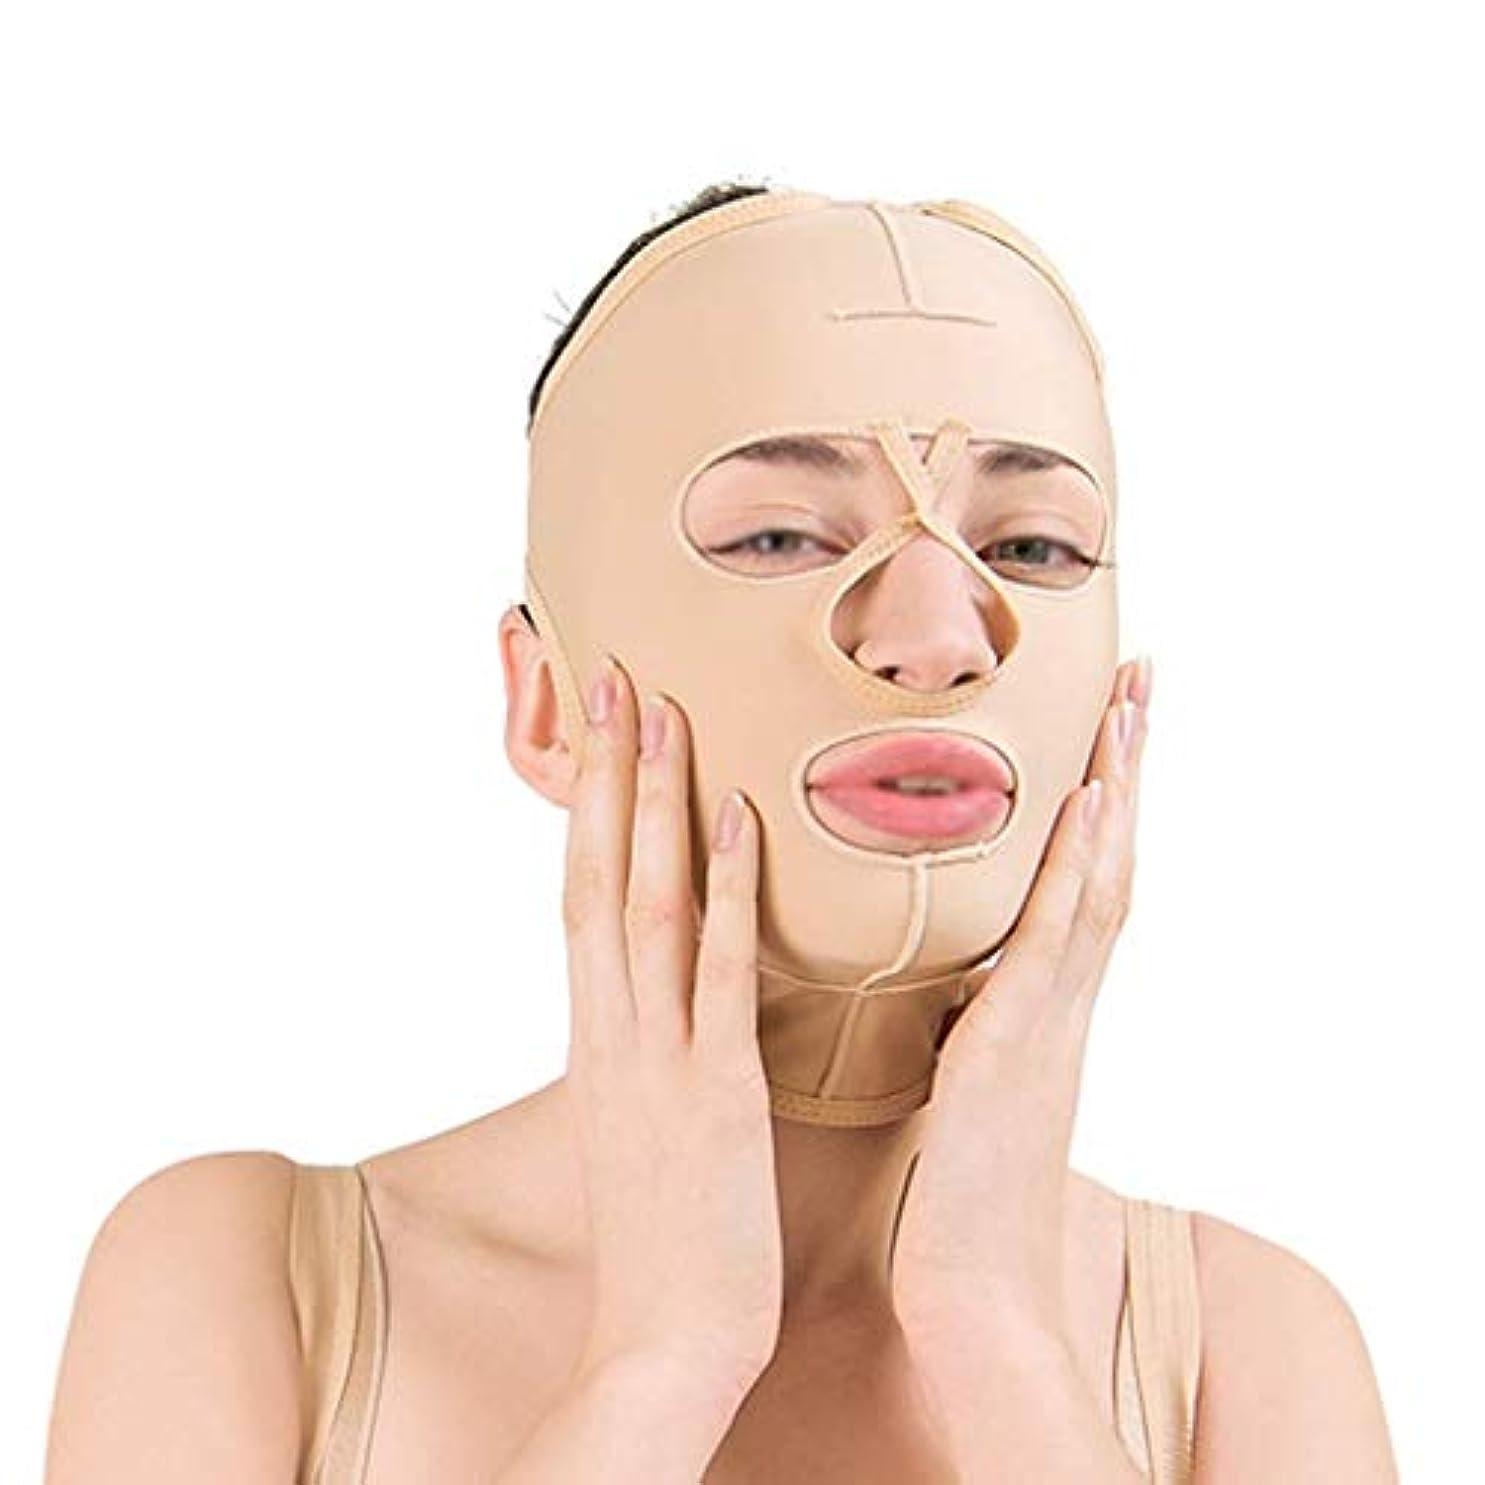 アウター適合する茎フェイススリミングマスク、フェイスバンデージ付きフェイシャル減量マスク、通気性フェイスリフト、引き締め、フェイスリフティング(サイズ:L),ザ?